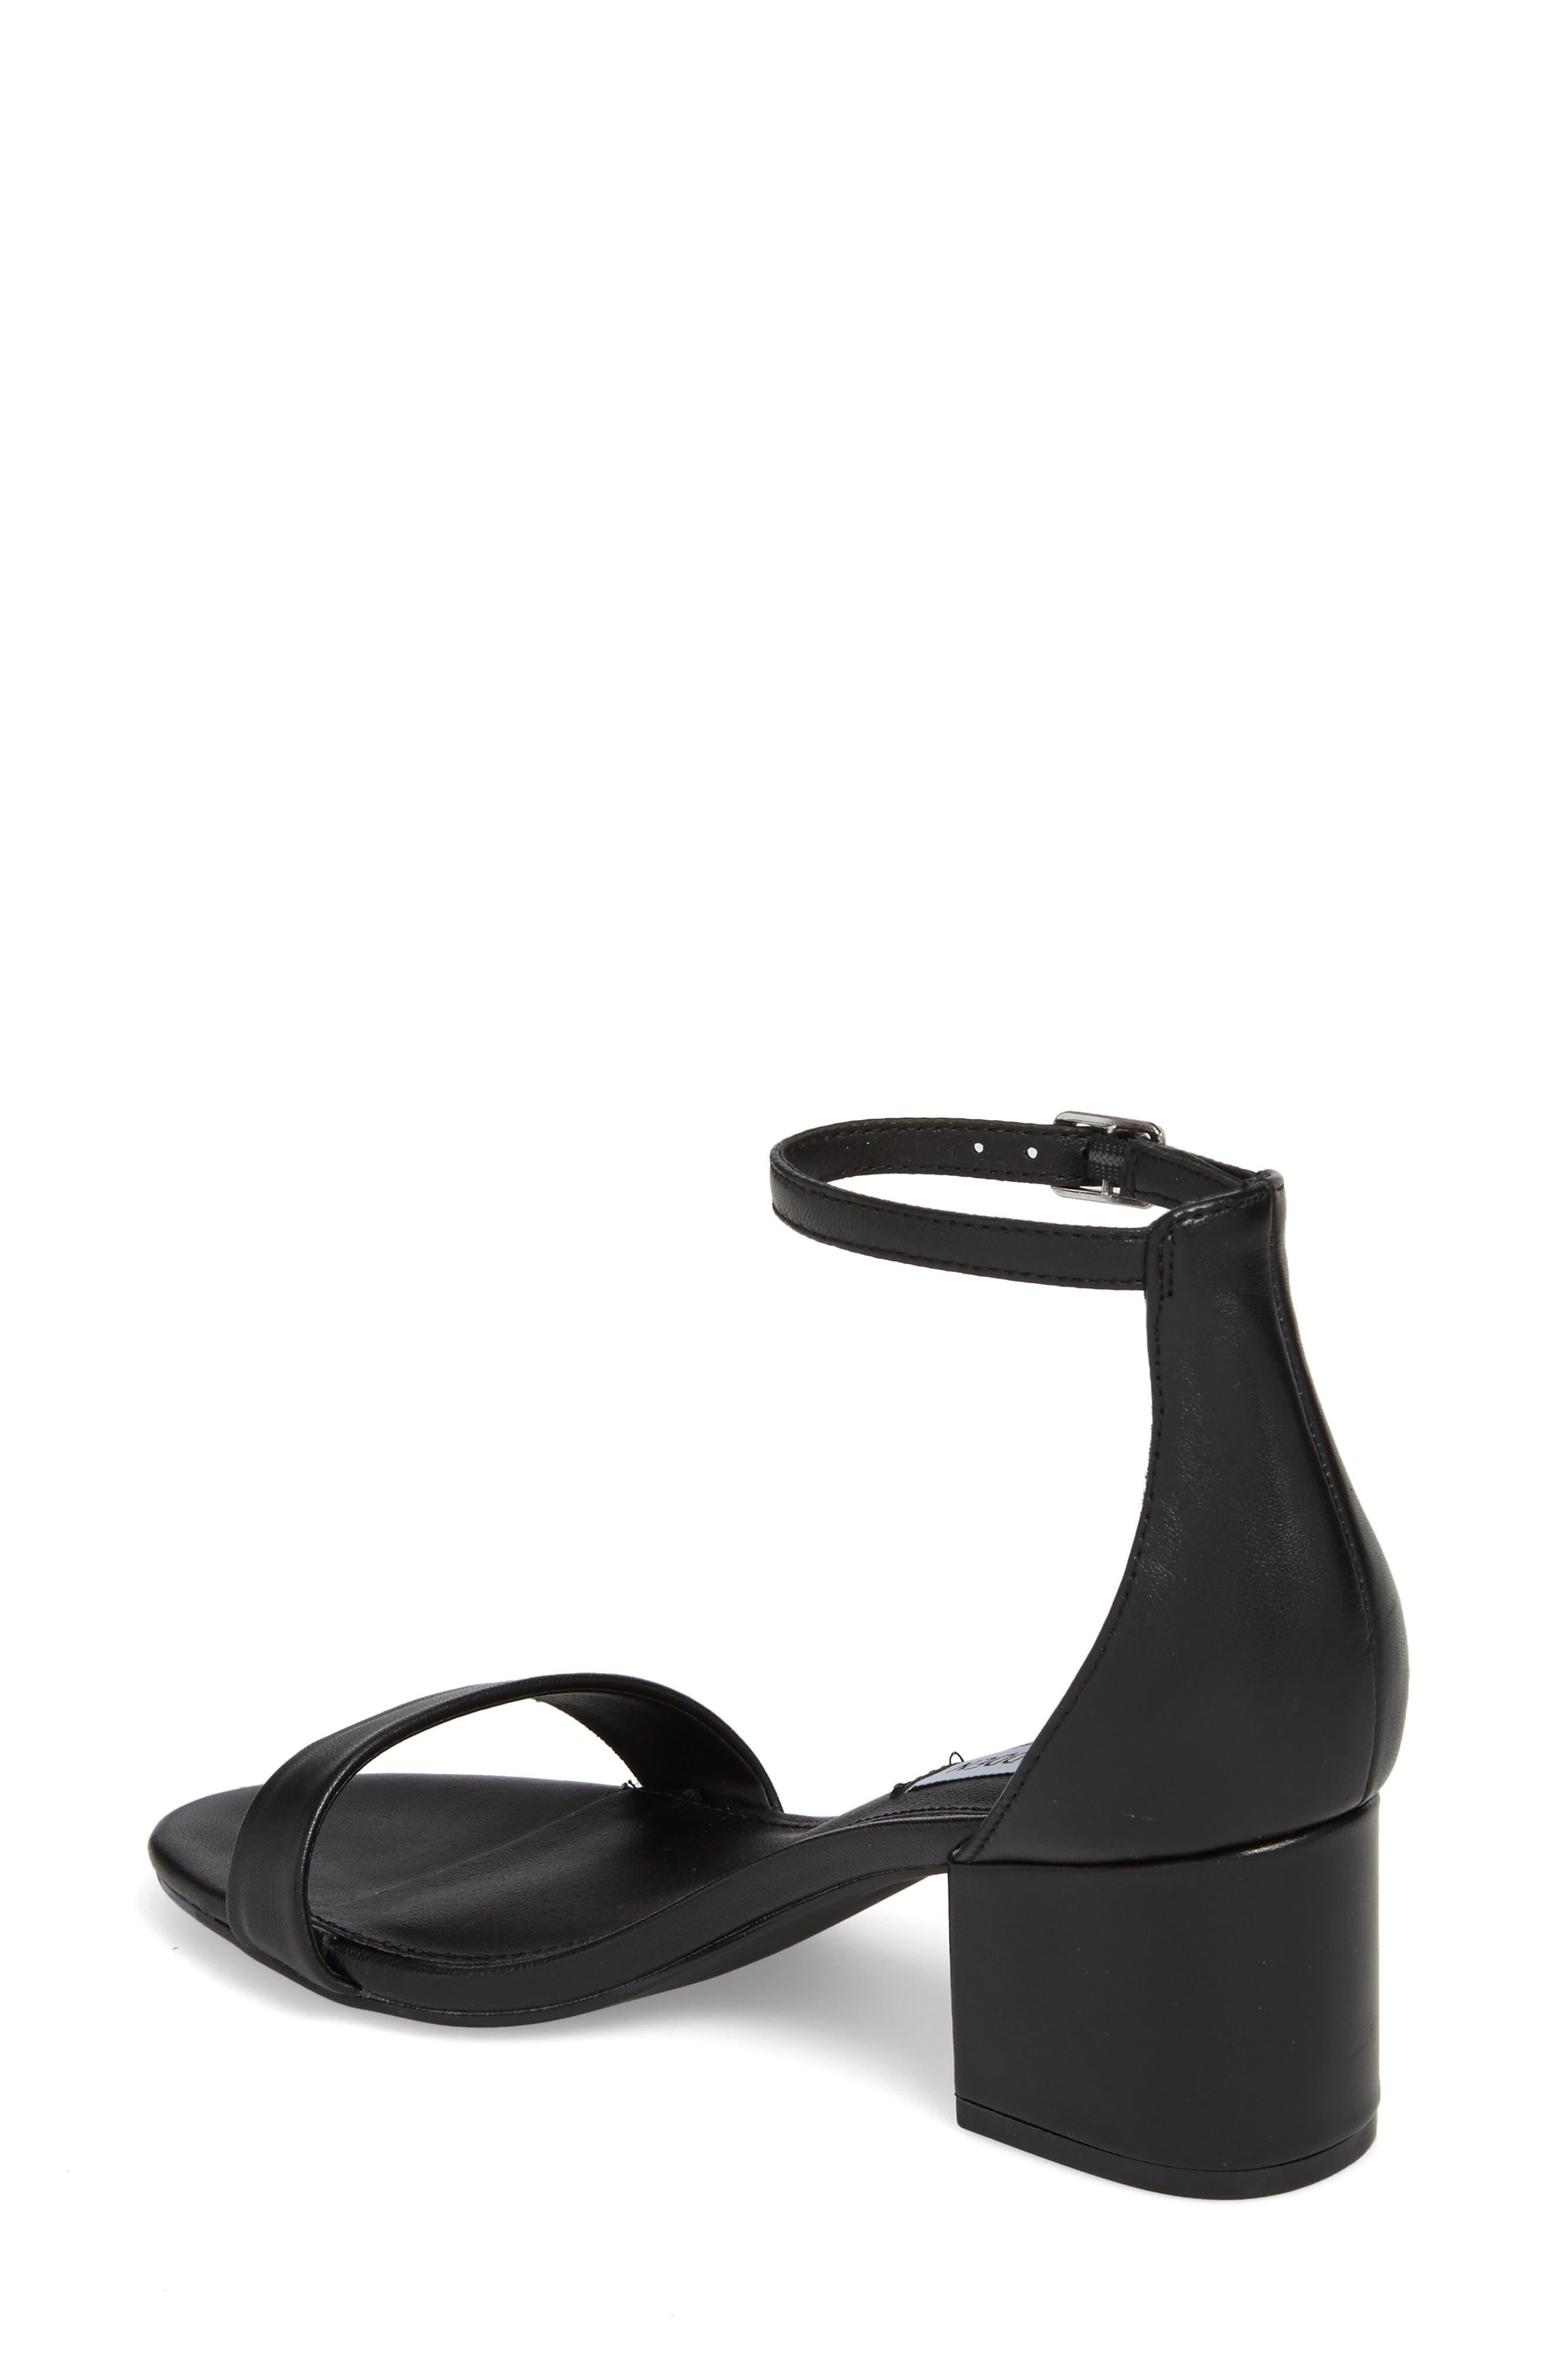 STEVE MADDEN, Irenee Ankle Strap Sandal, Alternate thumbnail 2, color, 001